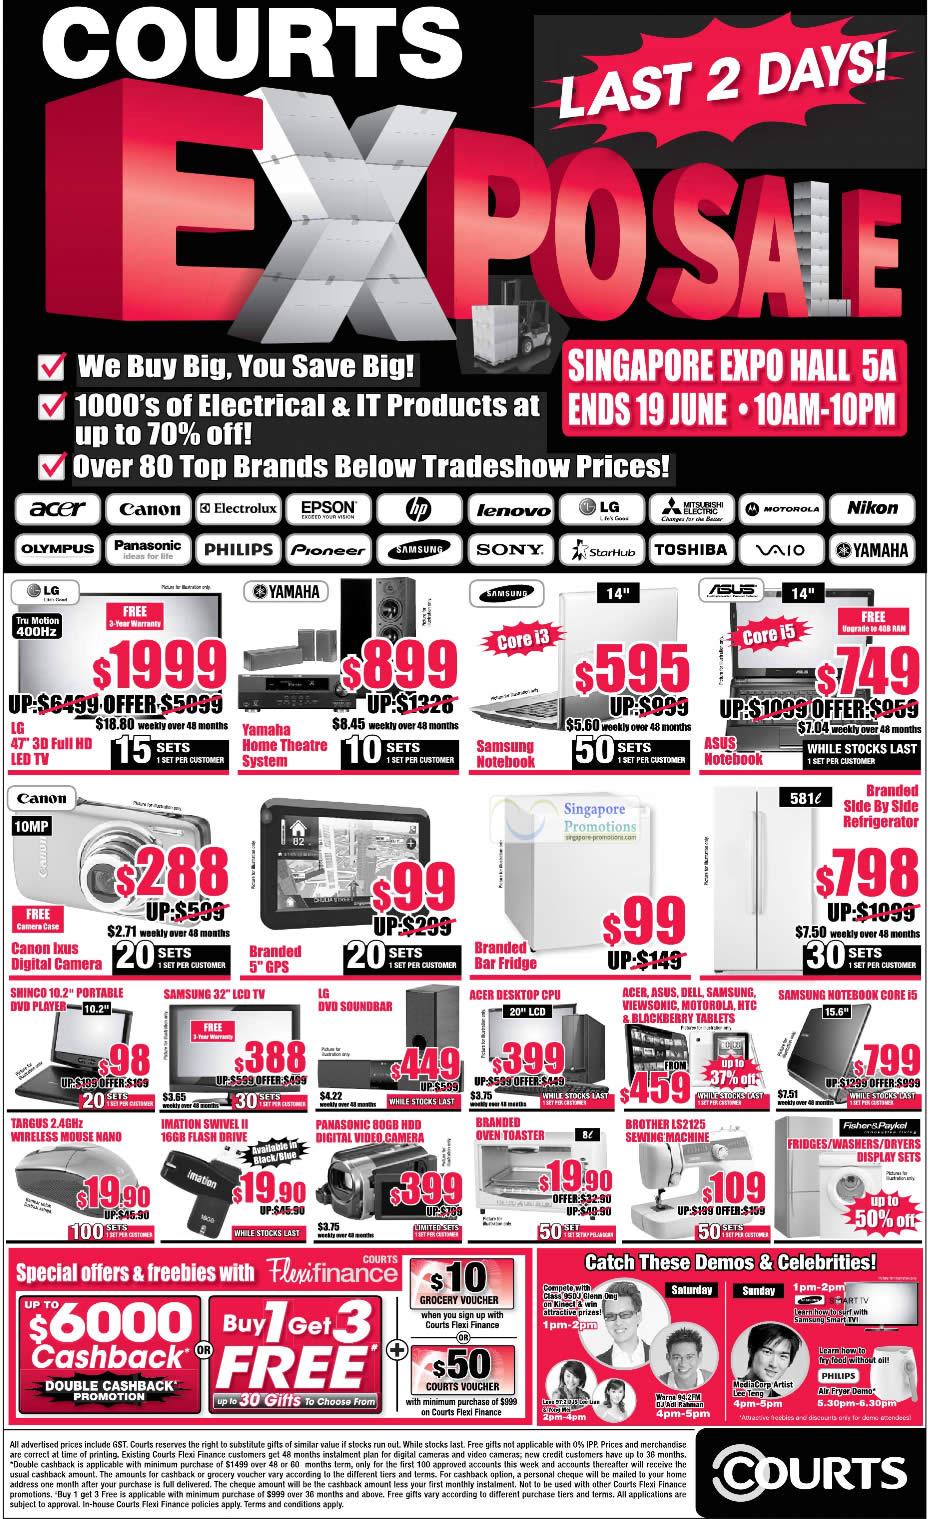 18 Jun LG LED TV, Samsung Notebook, ASUS, Yamaha, Digital Camera, GPS, Targys Mouse, Camcorder, Toaster, Brother LS2125